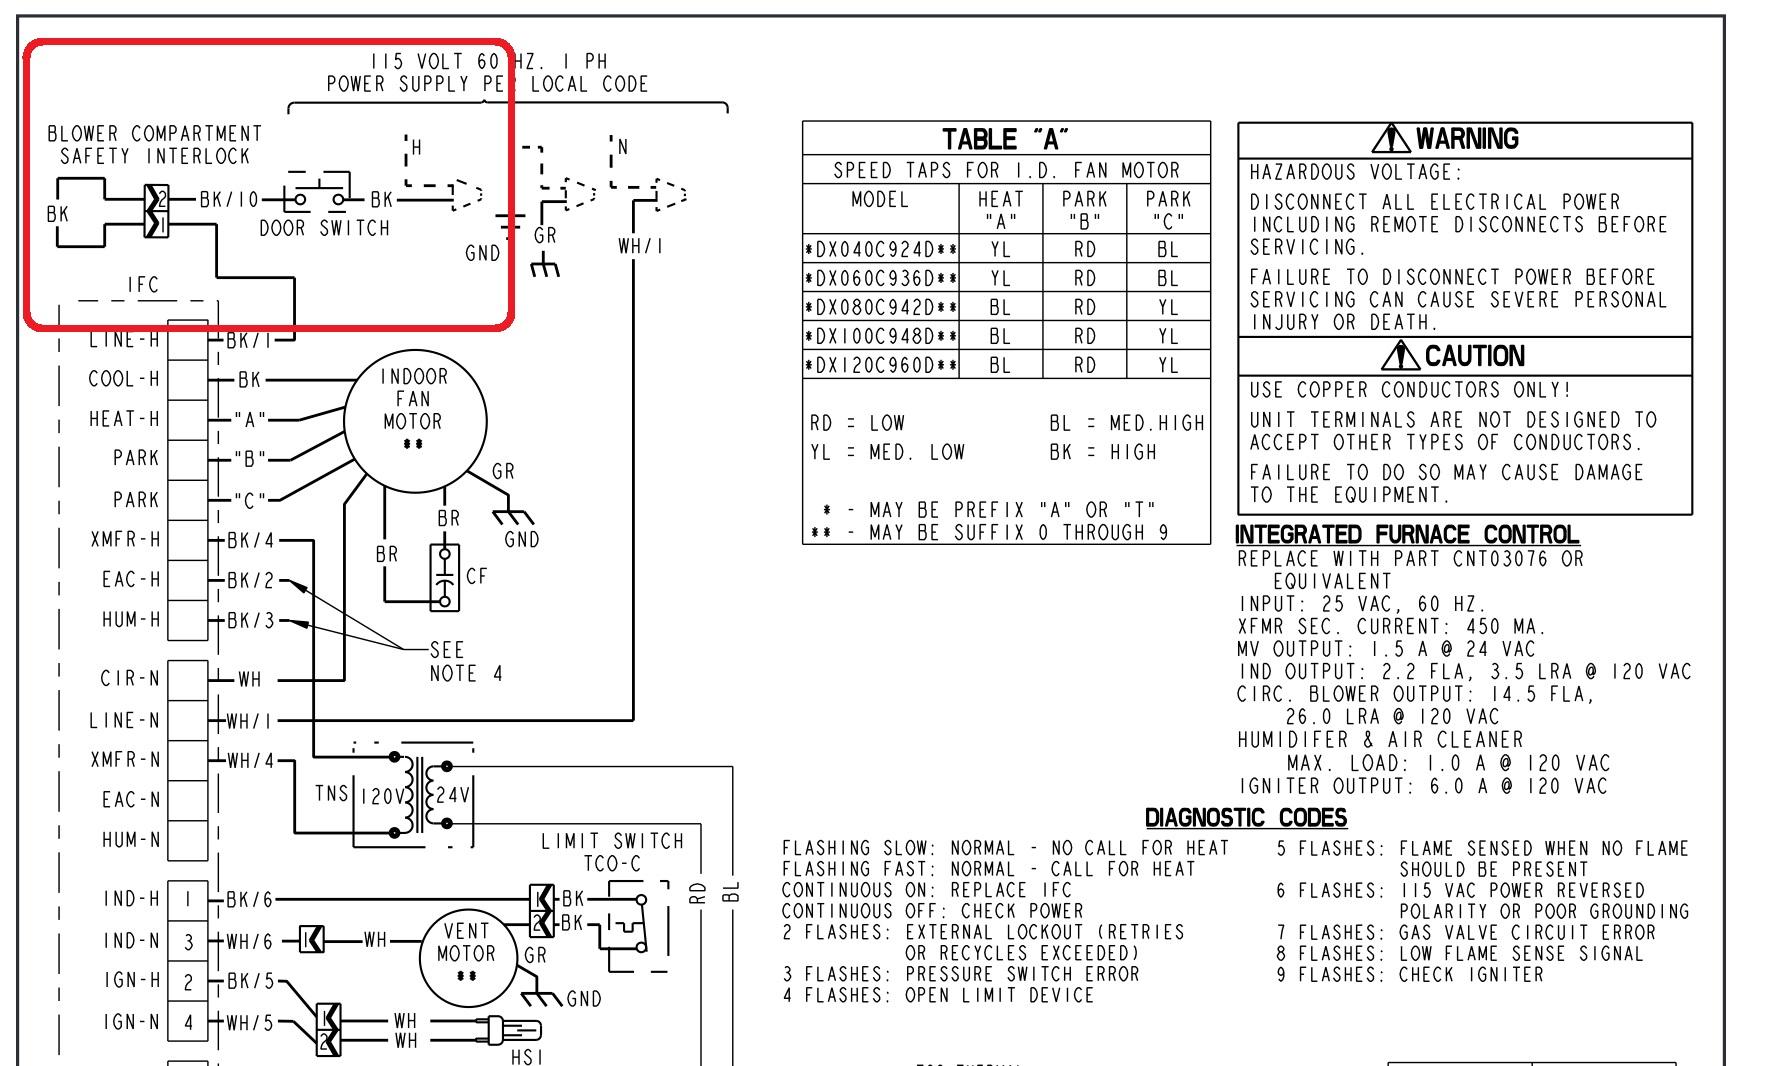 Carrier Heater Wiring Diagram | Schematic Diagram - Carrier Wiring Diagram